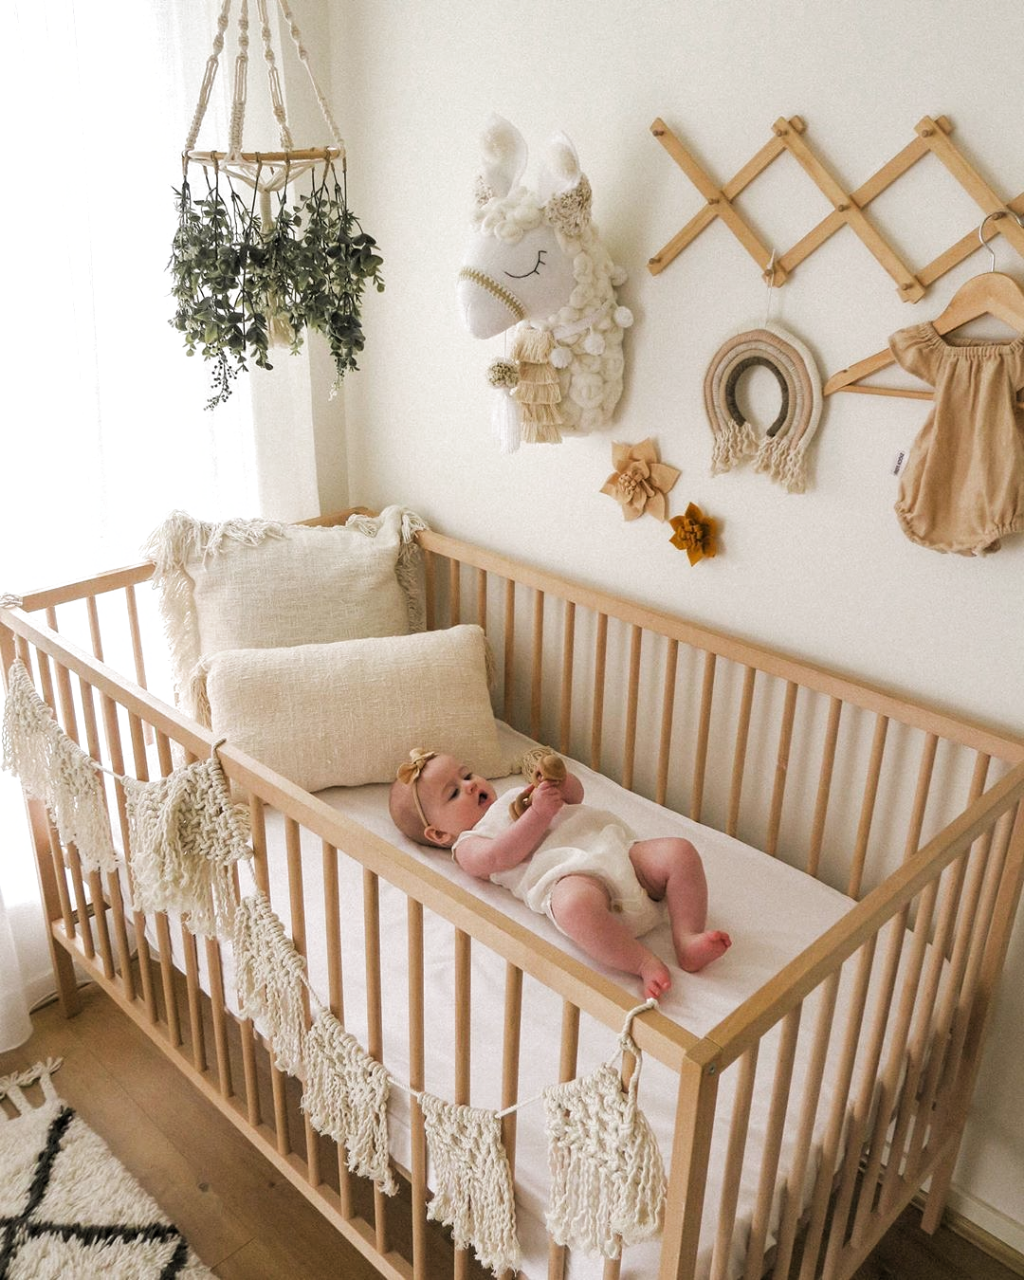 Pin Van Bibi Van Der Meij Op Kinder Ideeen Babykamer Inspiratie Babykamer Inrichting Babykamer Decoratie